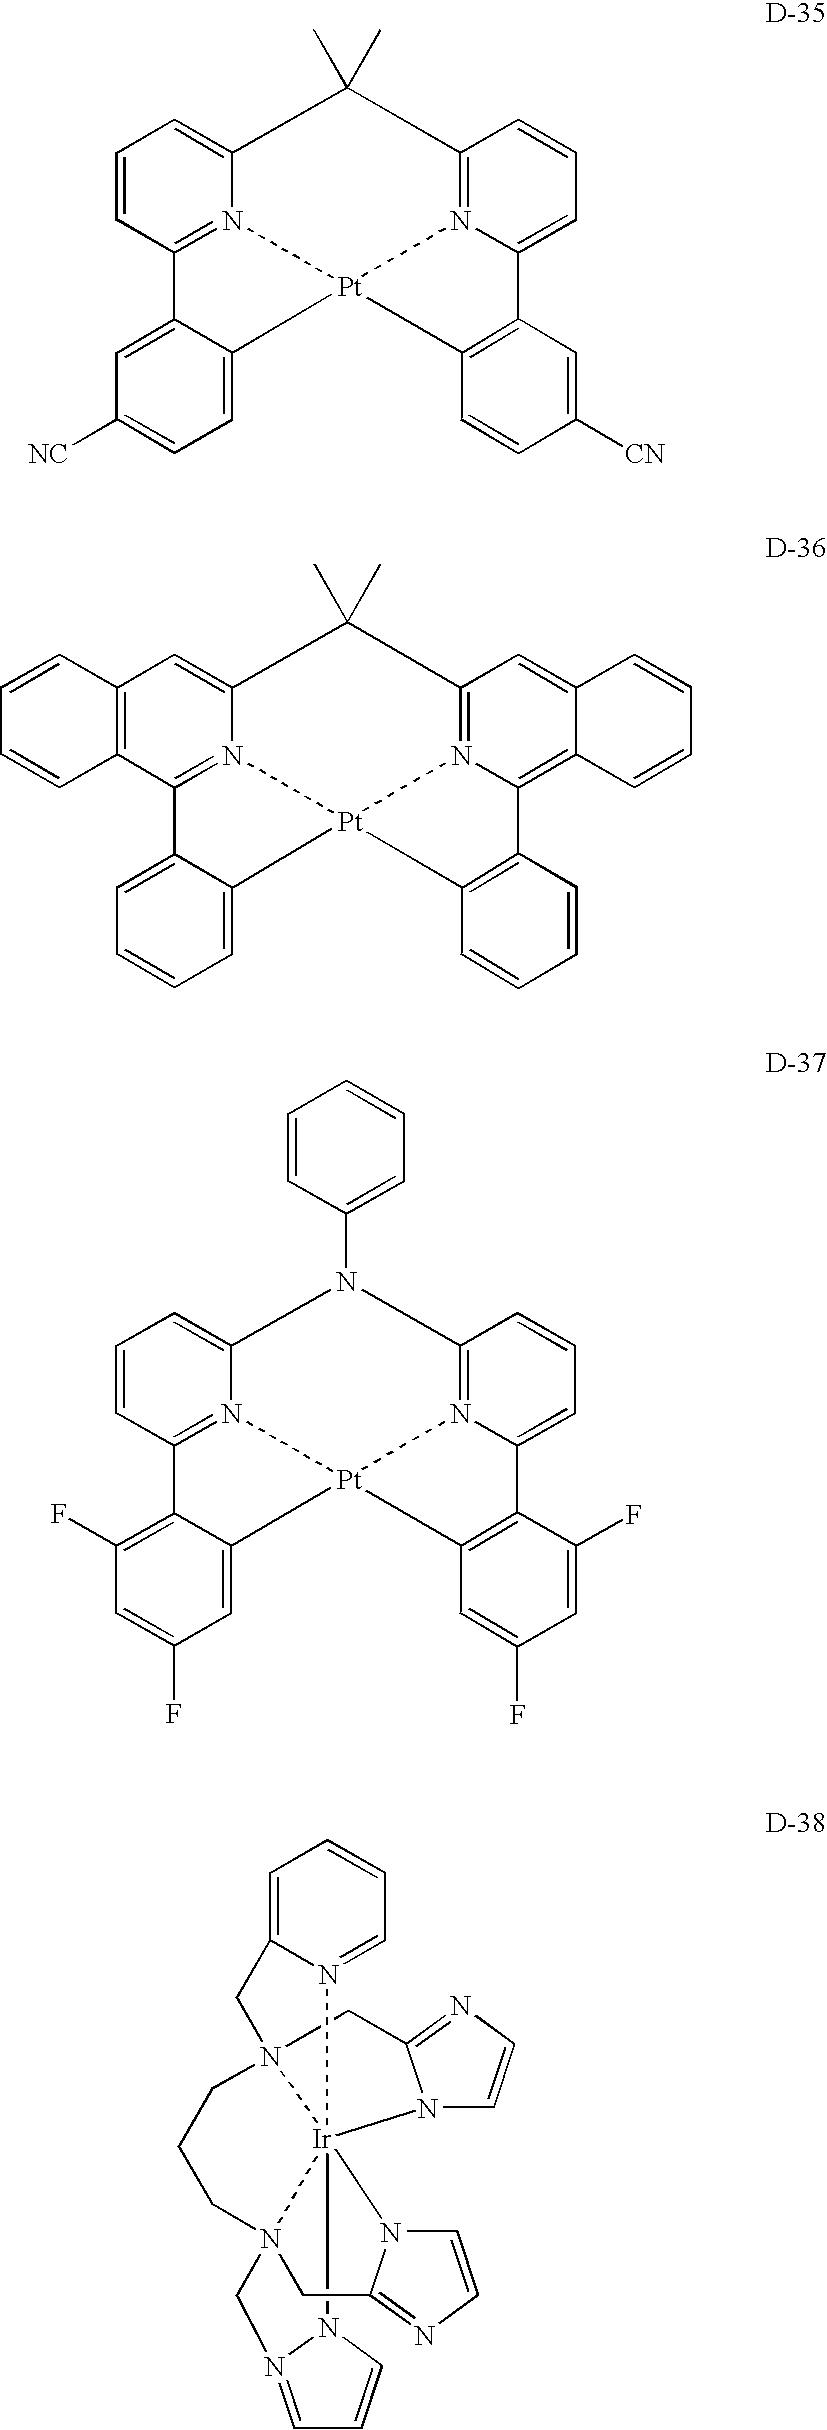 Figure US20090001360A1-20090101-C00008